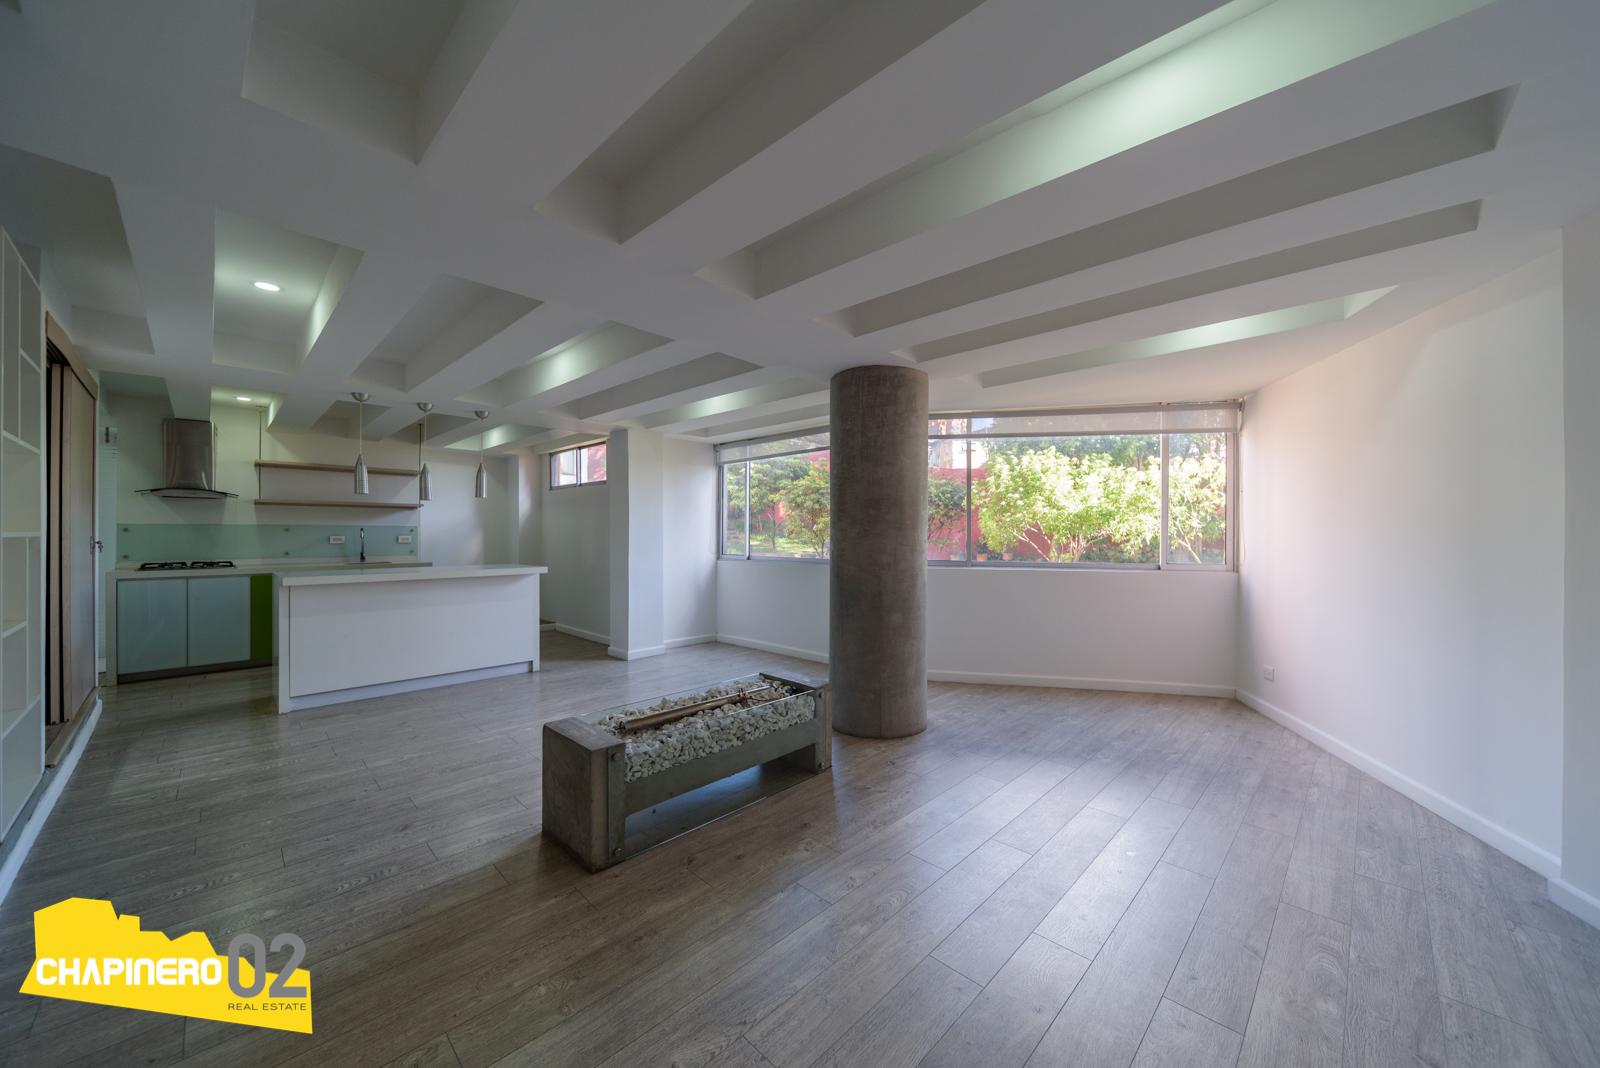 Apartamento Venta :: 100 m² :: Emaus :: $575 M